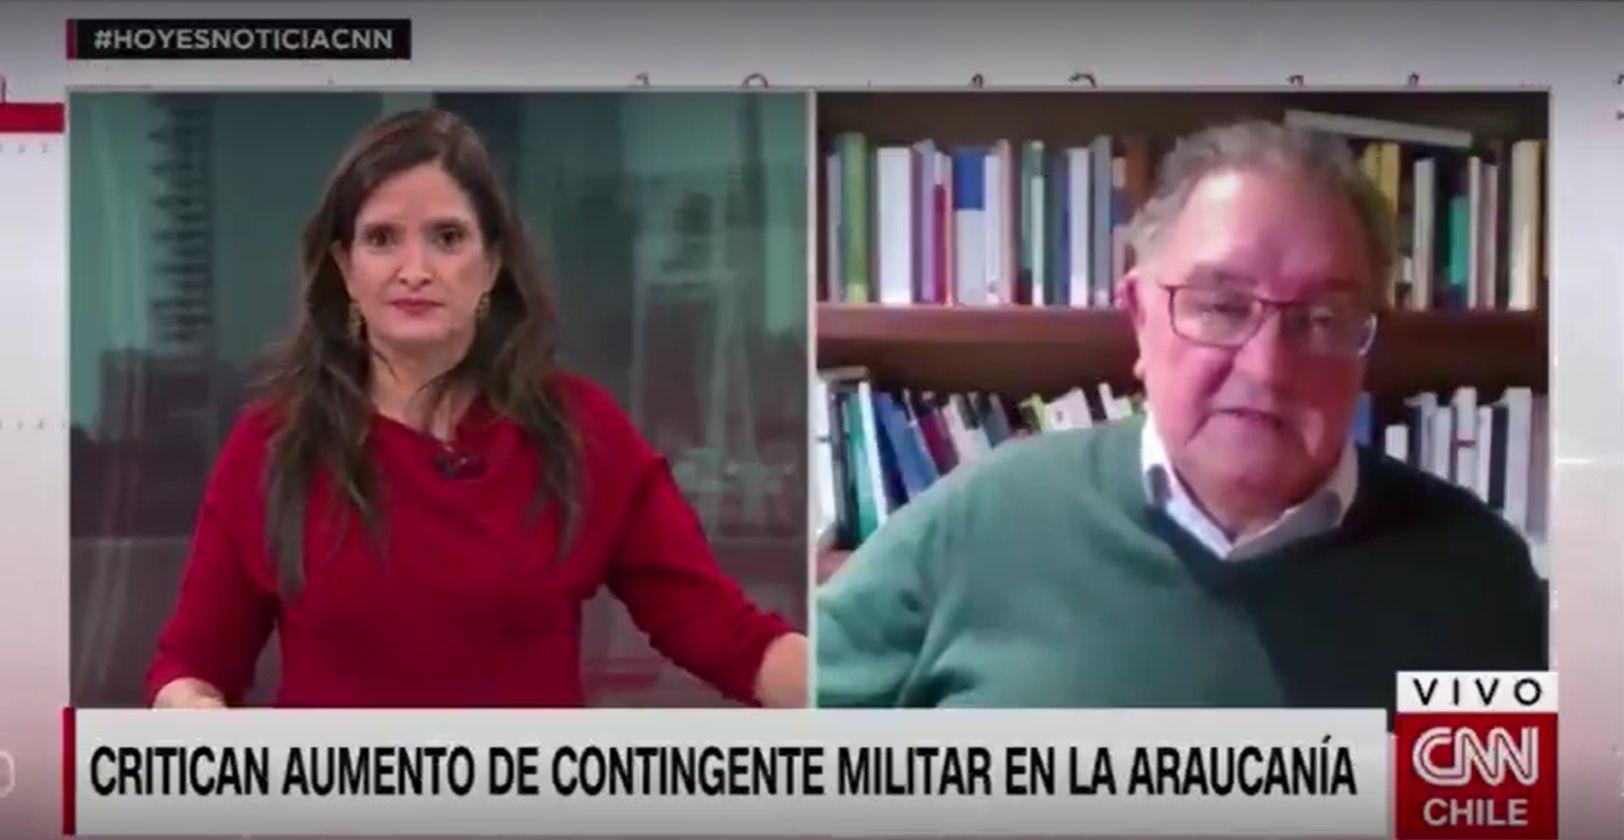 """VIDEO   """"¿Hablé mucho?"""": el chascarro en vivo de Matilde Burgos en CNN Chile"""